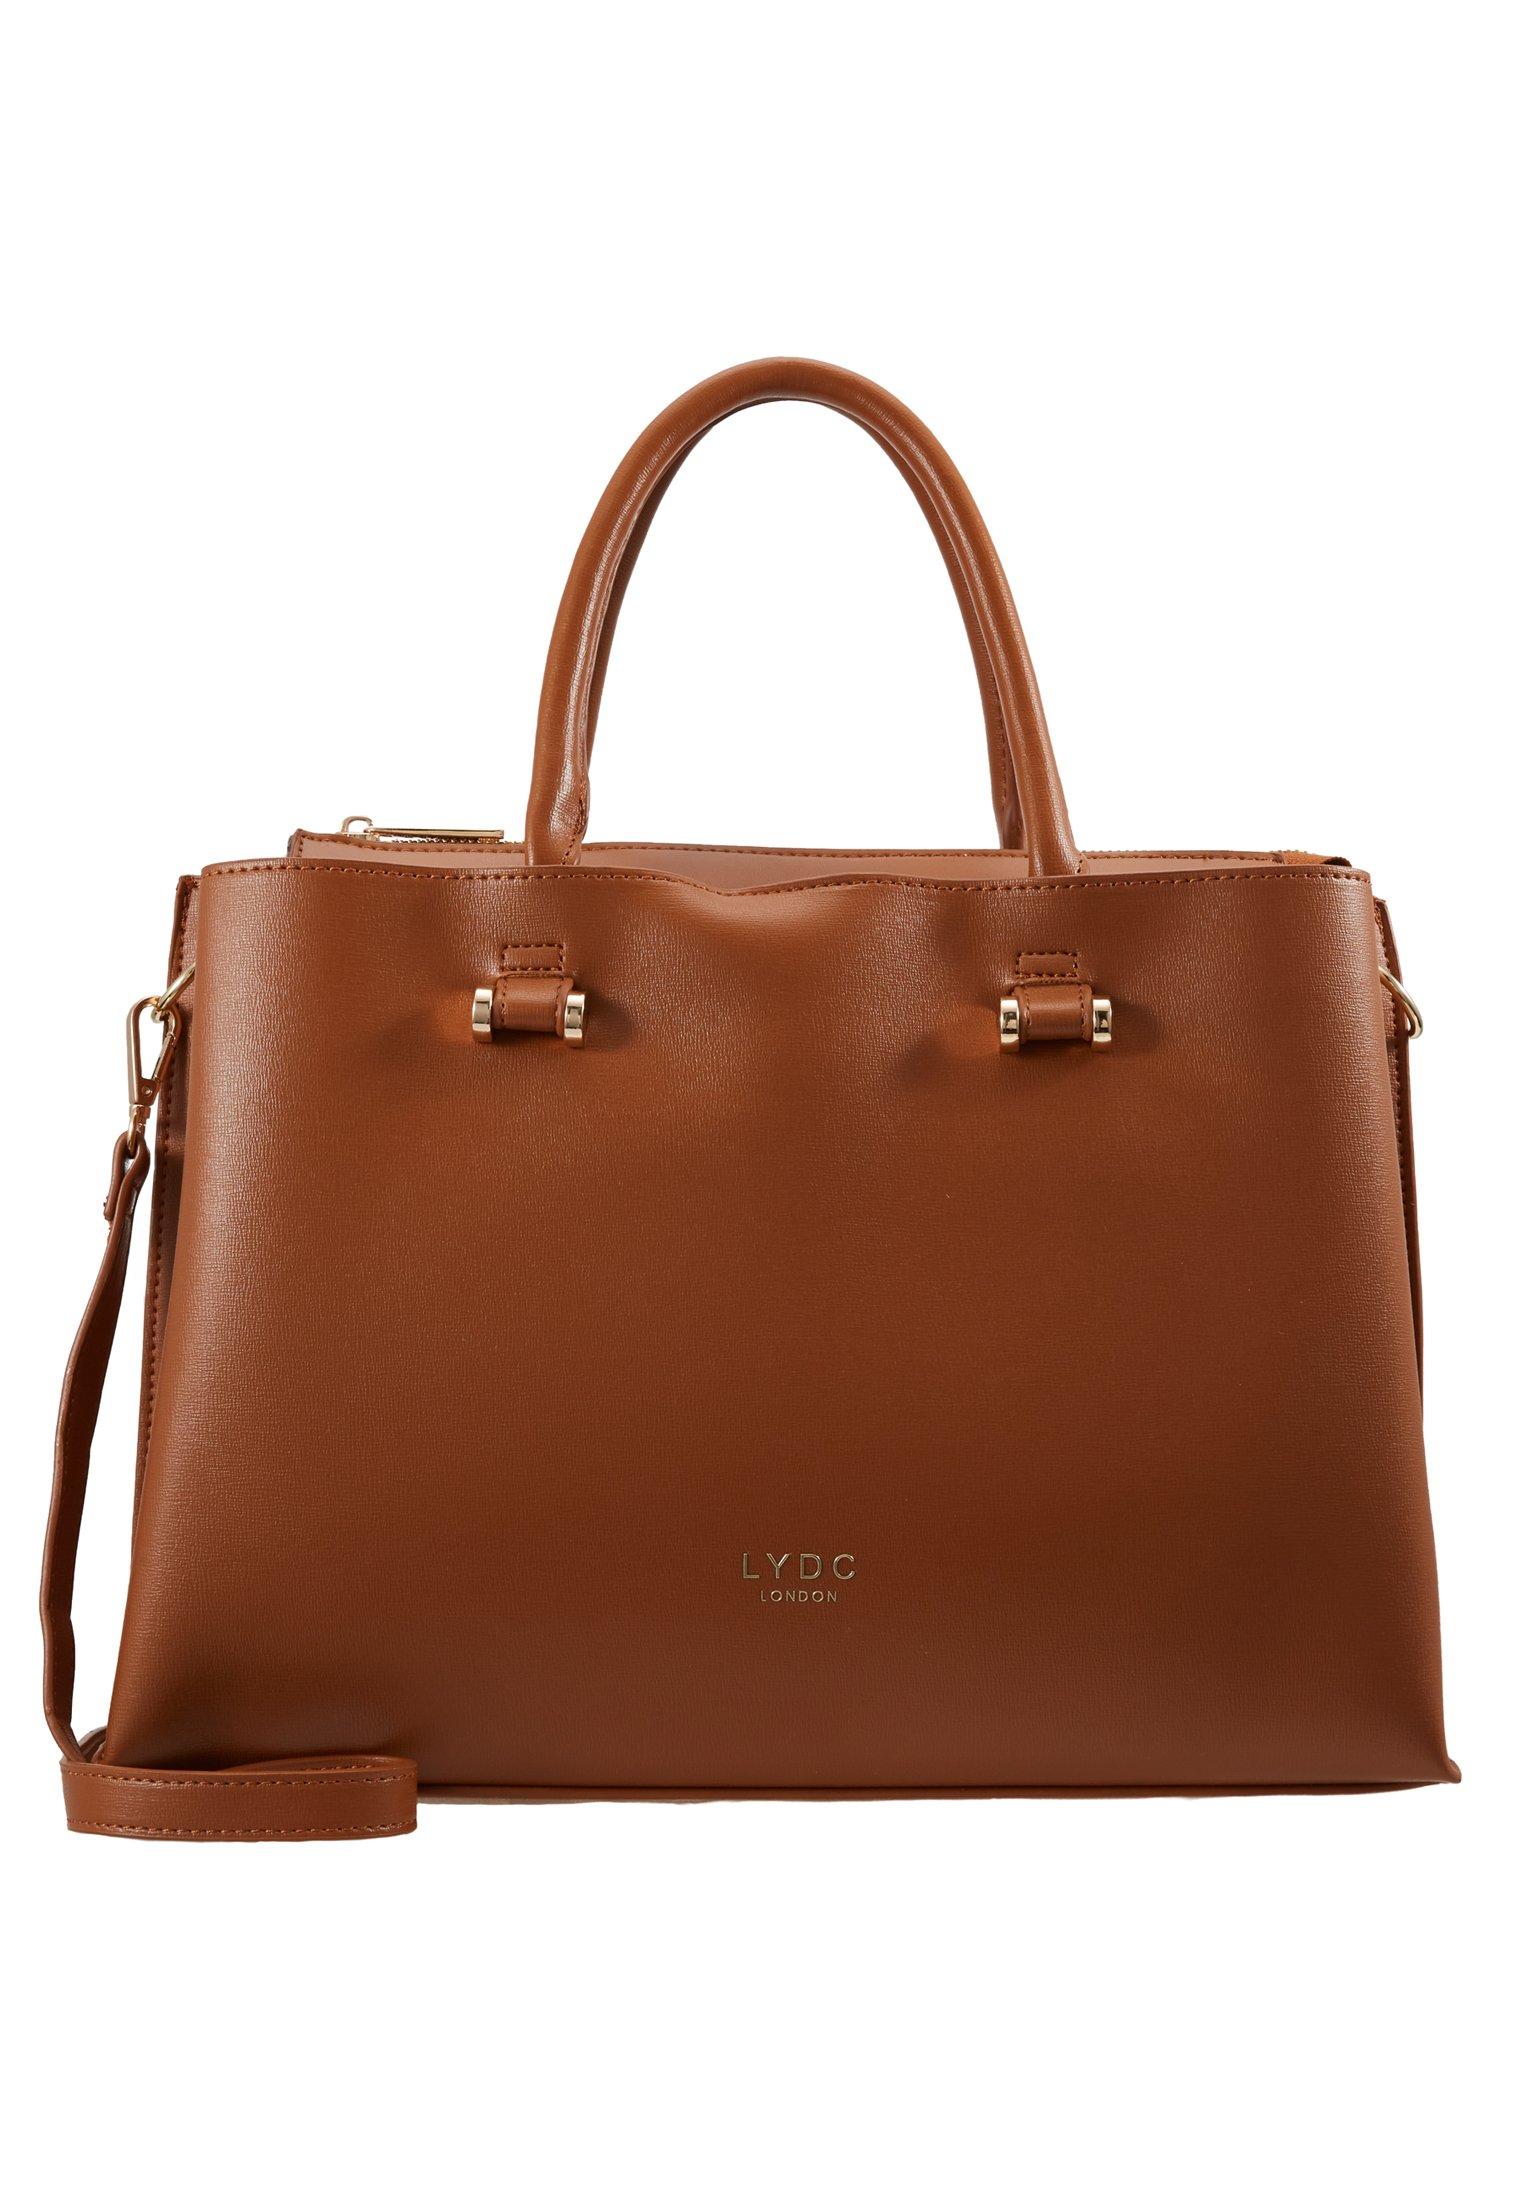 Lydc London Handtasche - Brown/braun